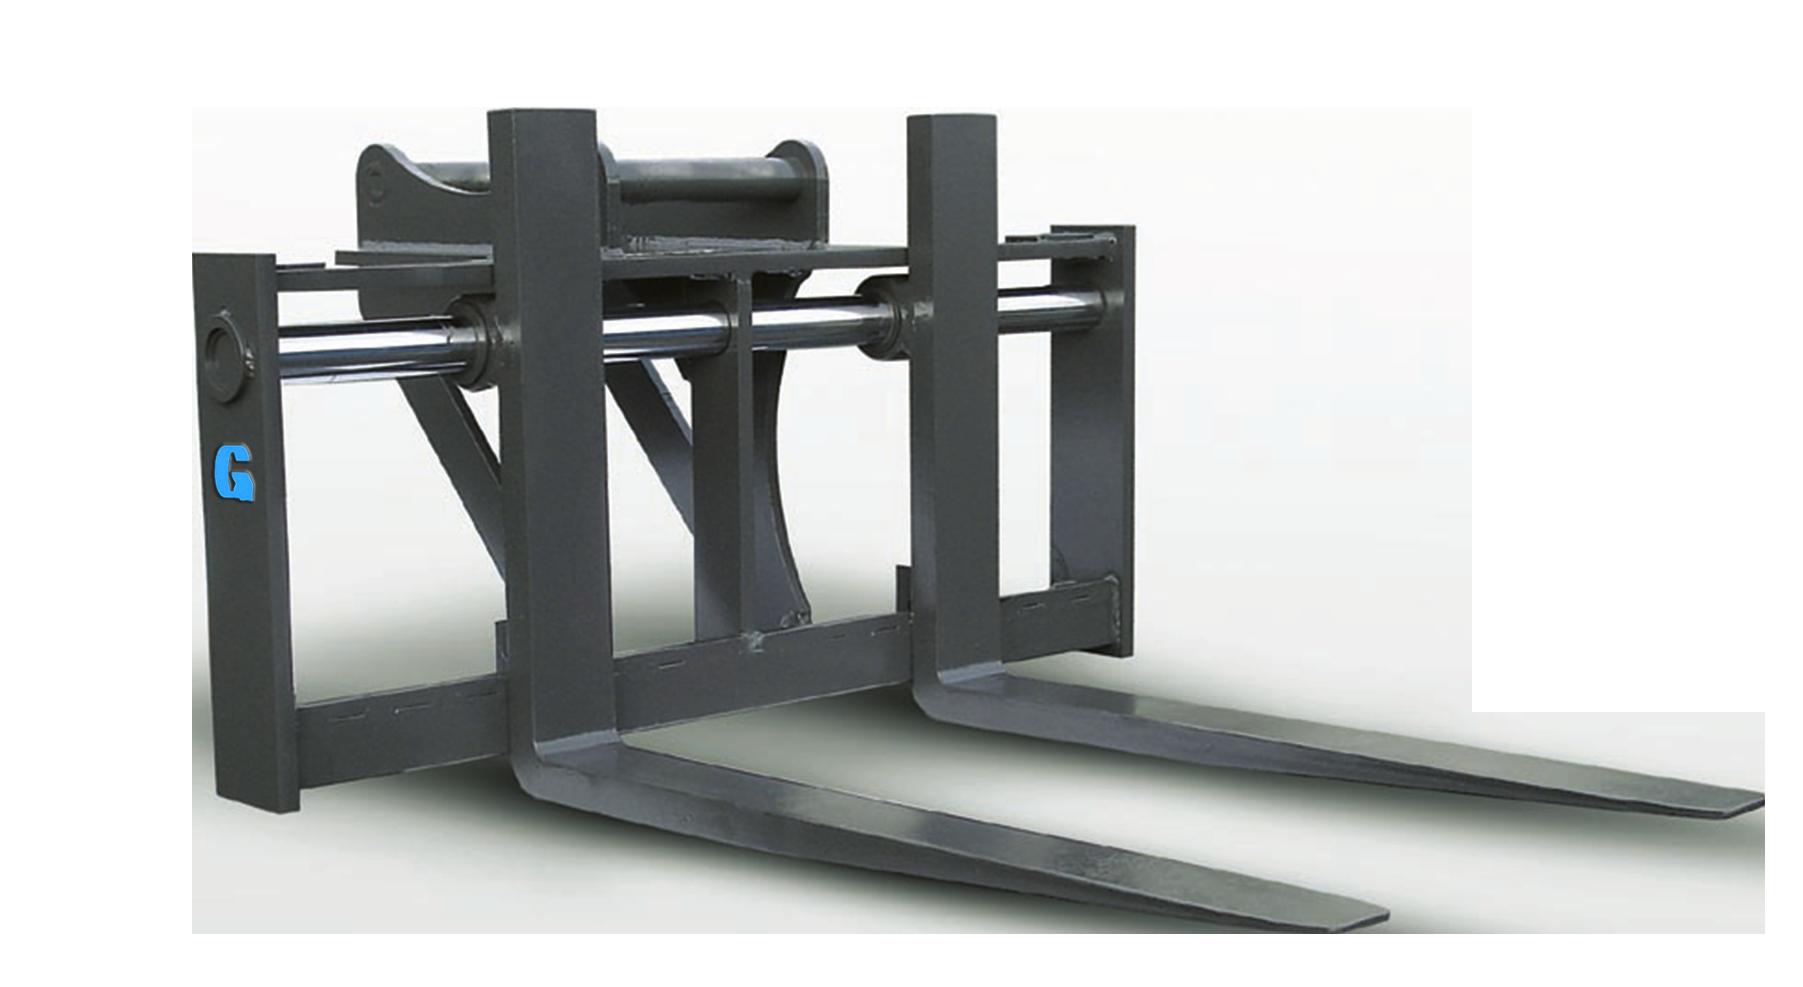 Forklift frame | Umeå Försäljning AB